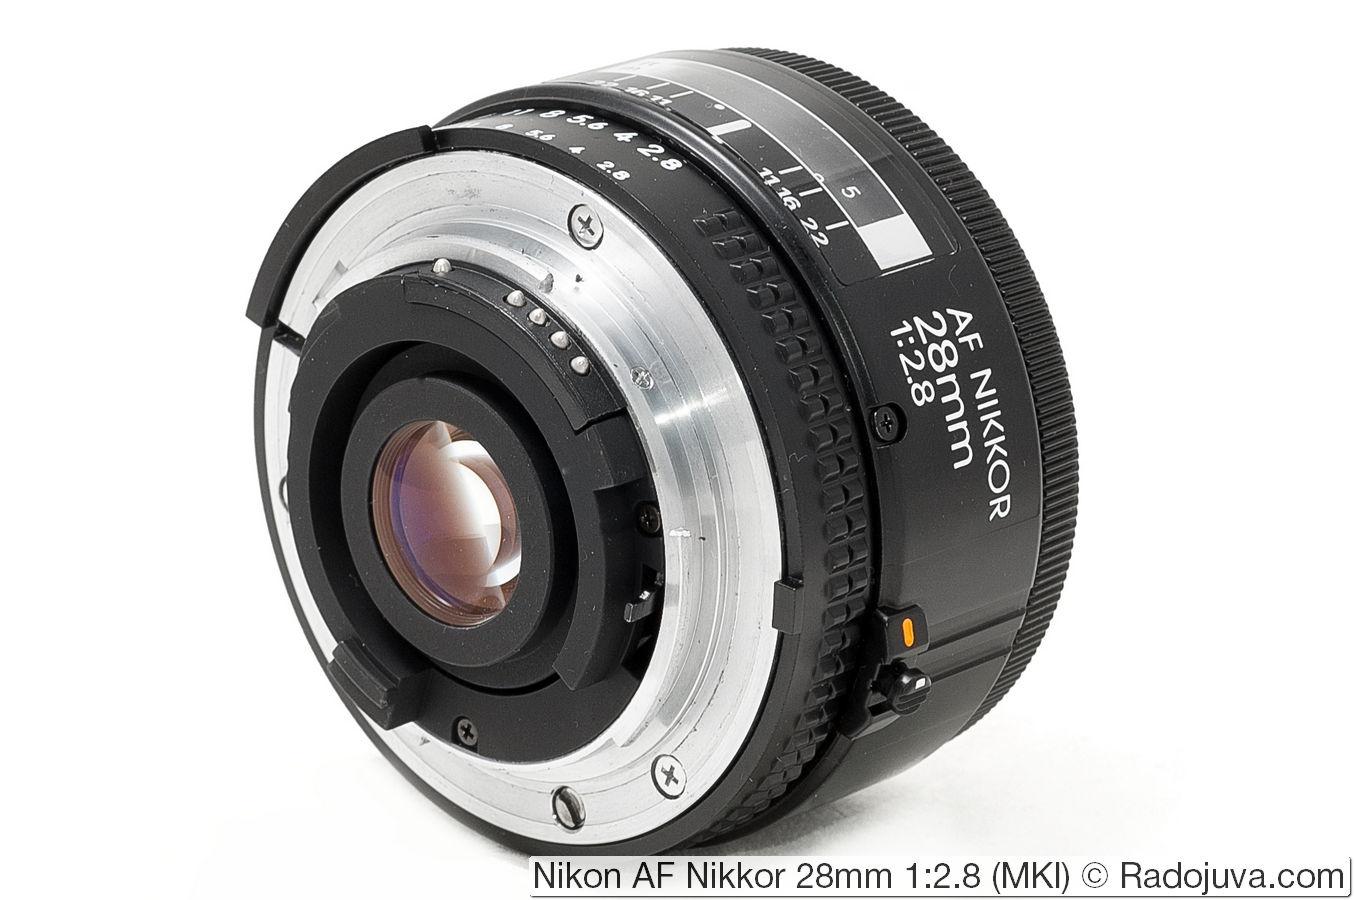 Nikon AF Nikkor 28mm 1:2.8 (MKI)